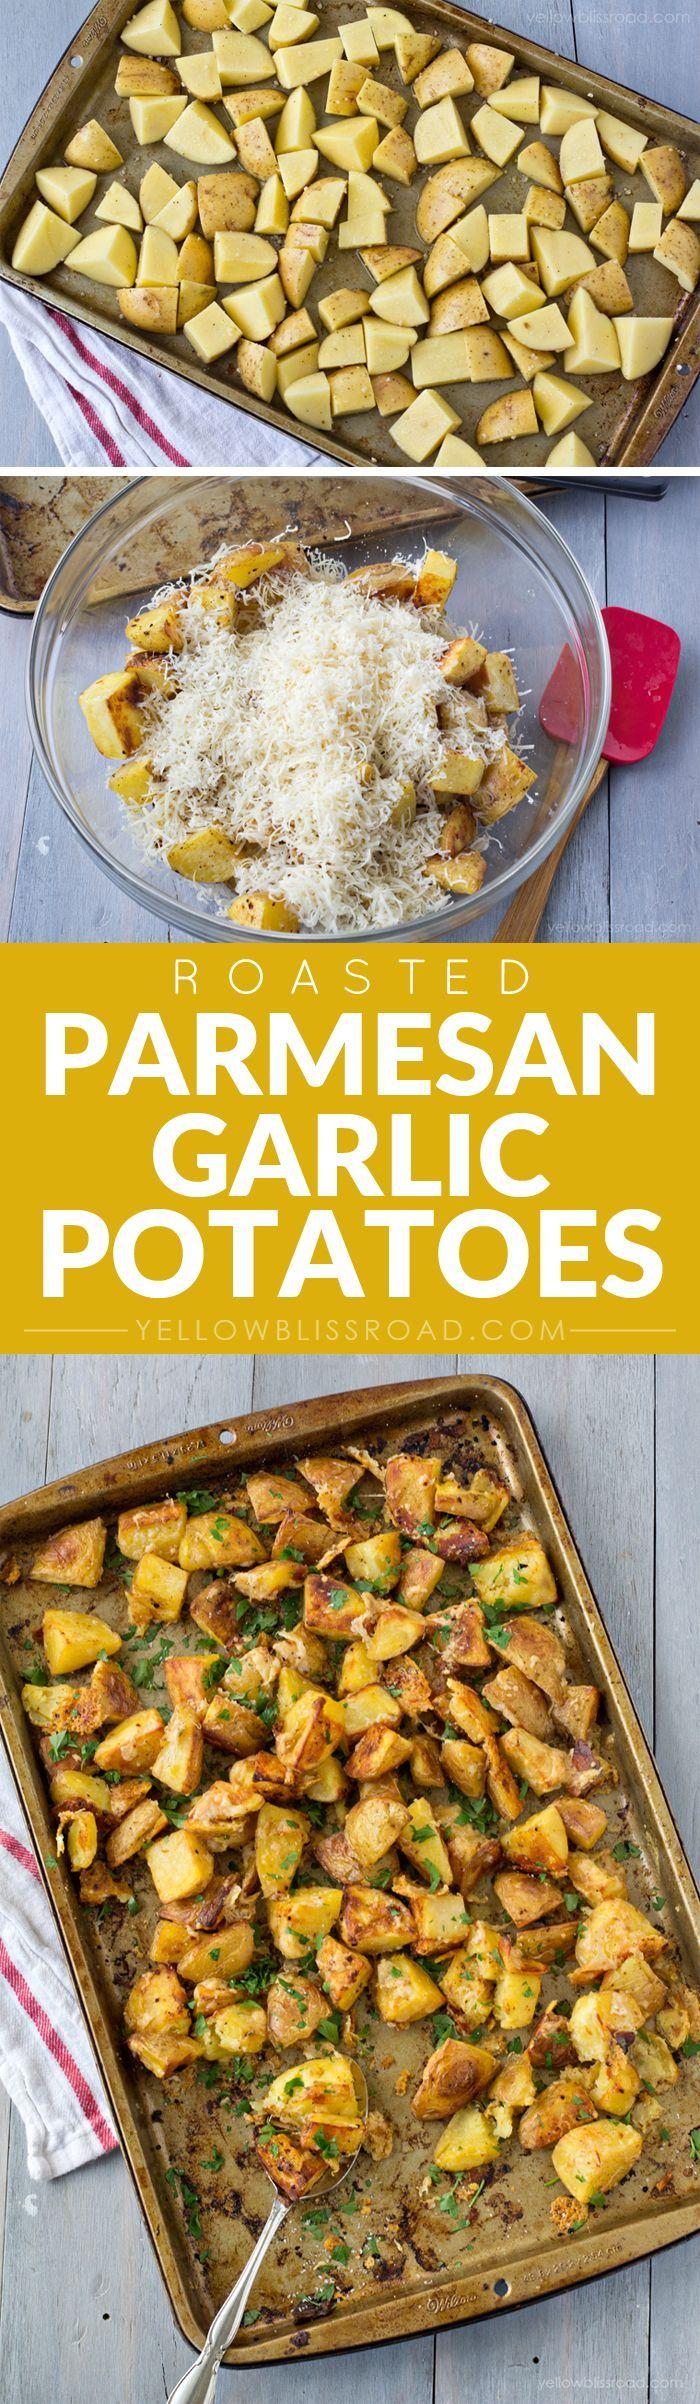 Roasted Parmesan and Garlic Potatoes